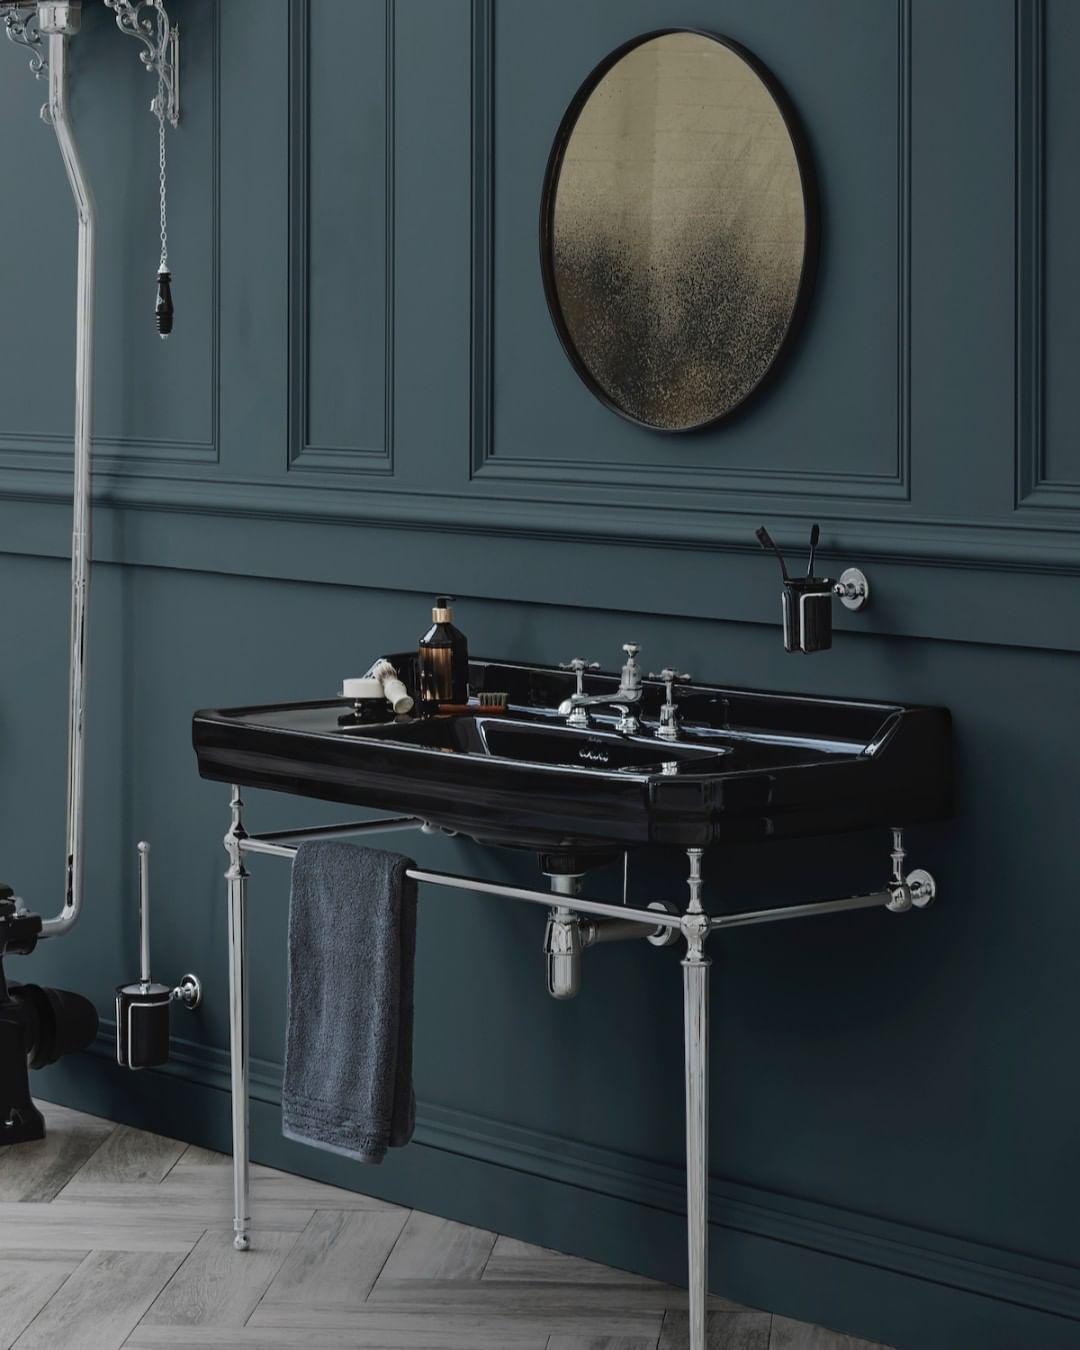 Badezimmer Burlington Bathrooms Auf Instagram Umfassen Sie Ihre Dunkle Seite Mit Unserem Jet Kolle In 2020 Small Bathroom Decor Burlington Bathroom Amazing Bathrooms